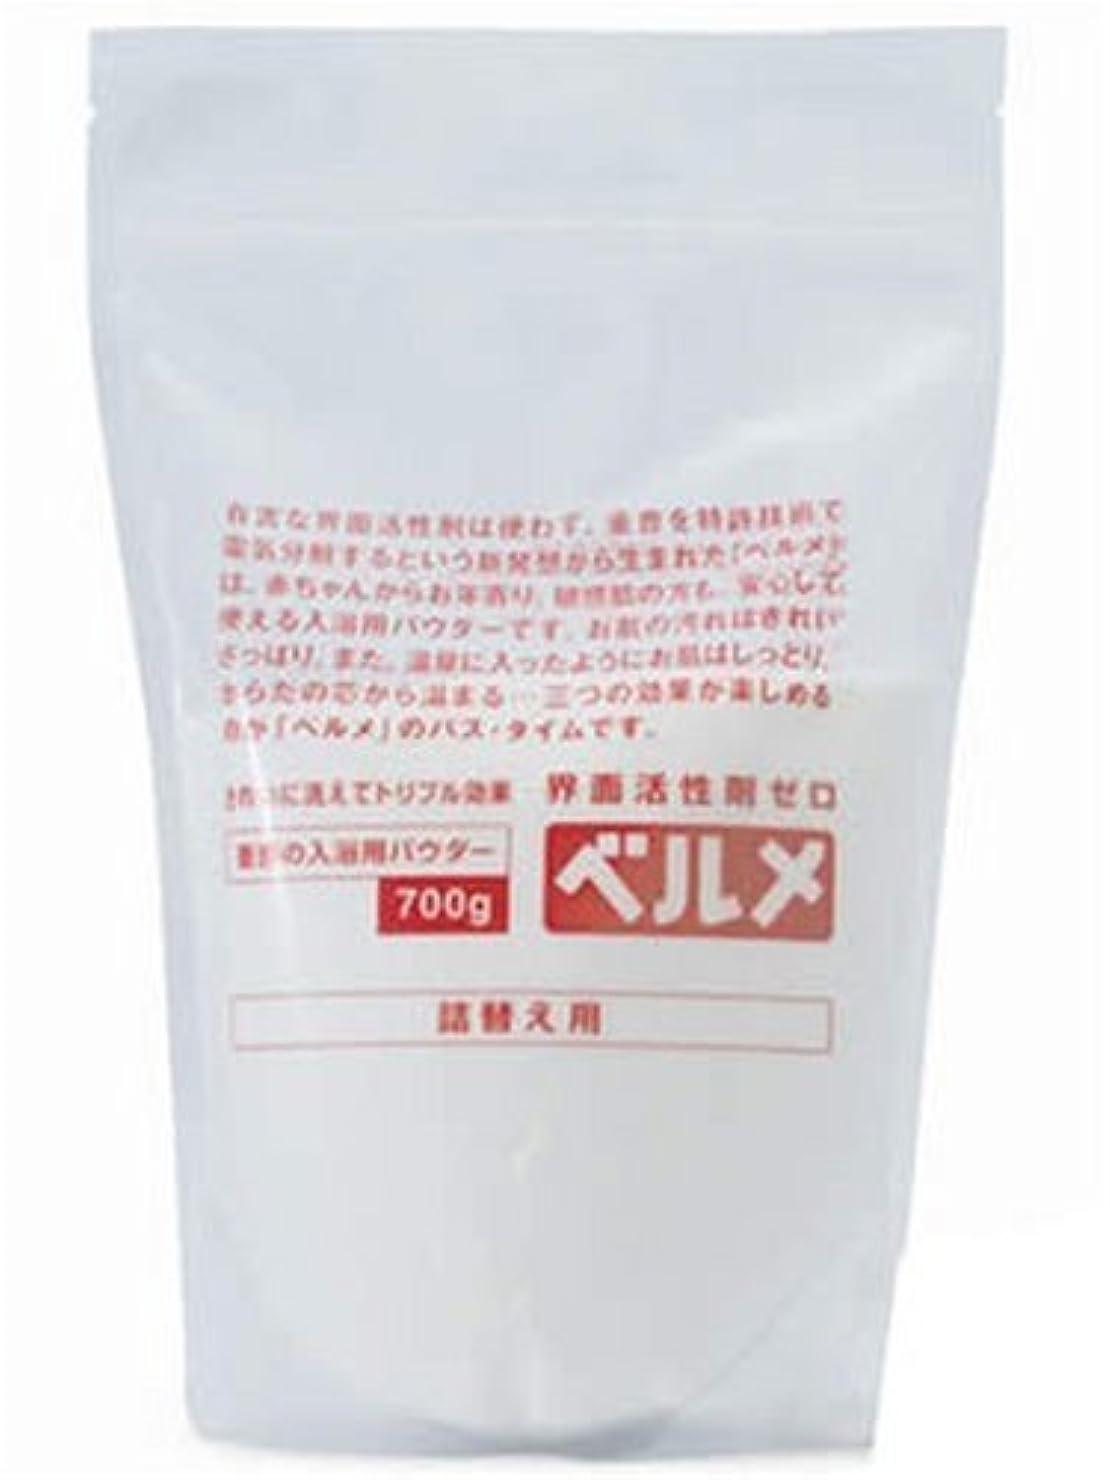 ホイットニー余韻宿題ベルメ 重曹入浴用パウダー(界面活性剤ゼロ) 700g